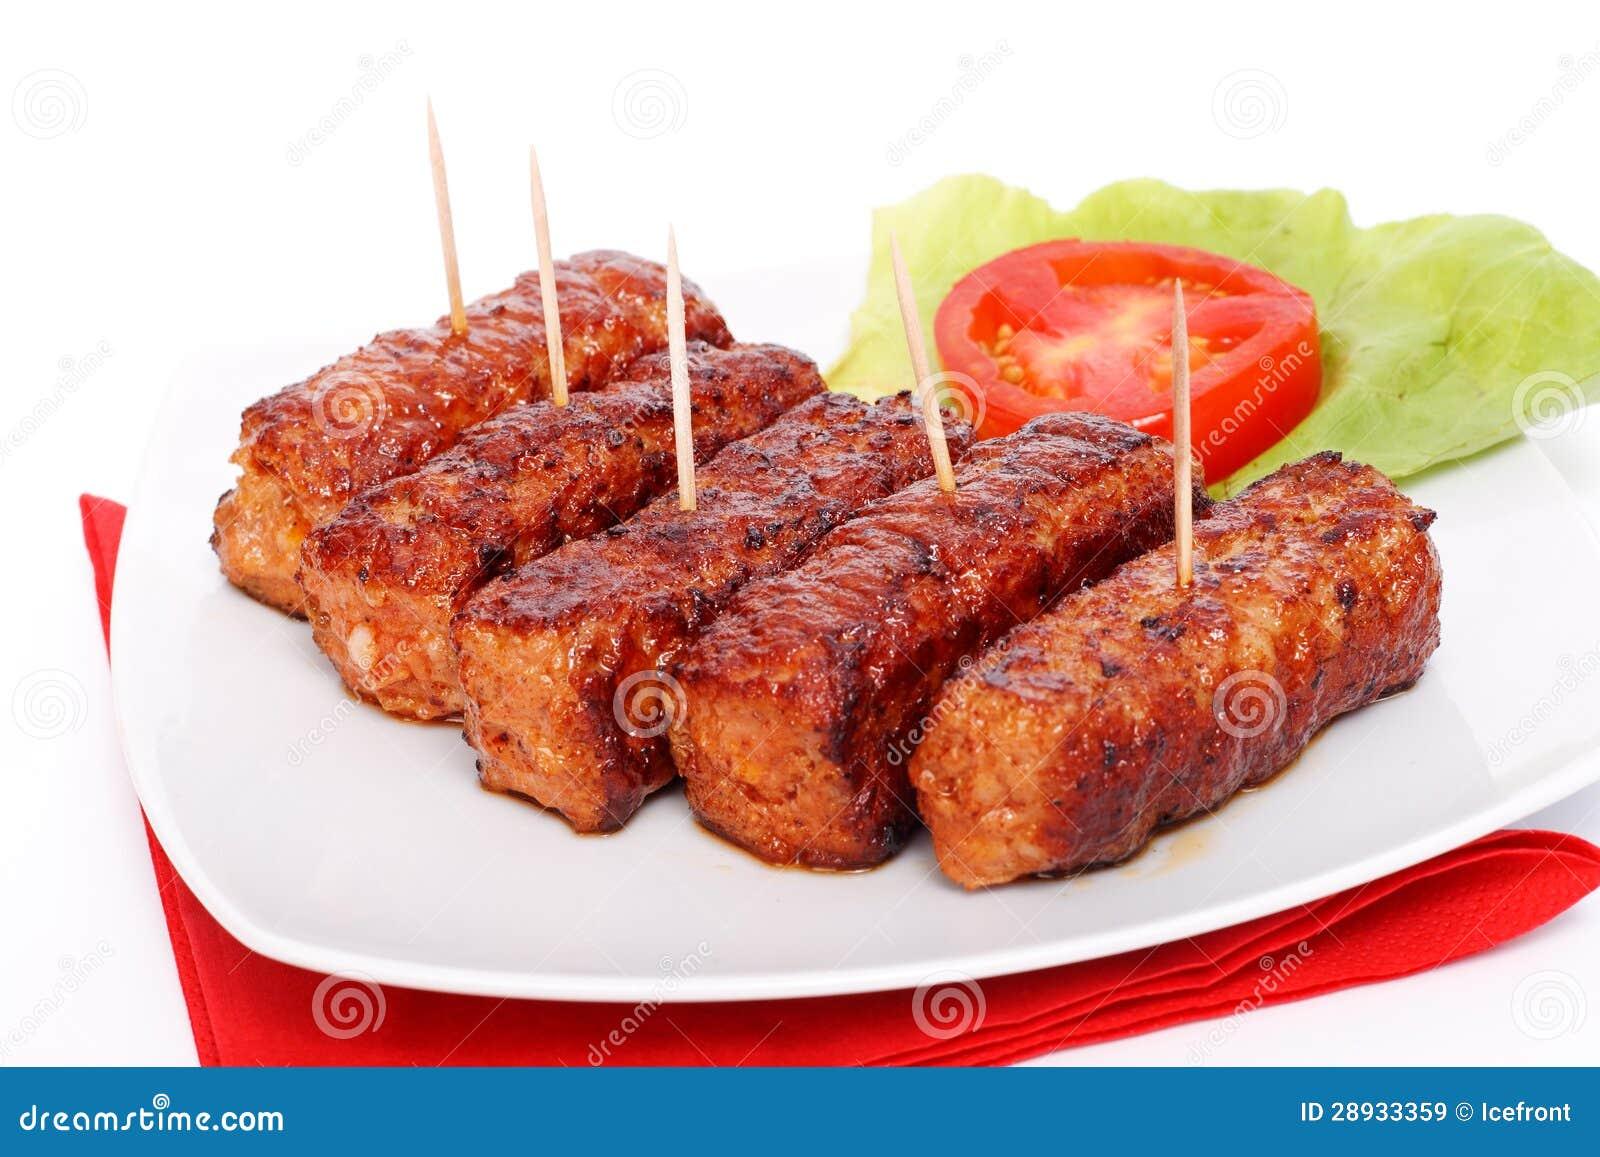 Roulades de viande roumaines grillées - mititei, mici